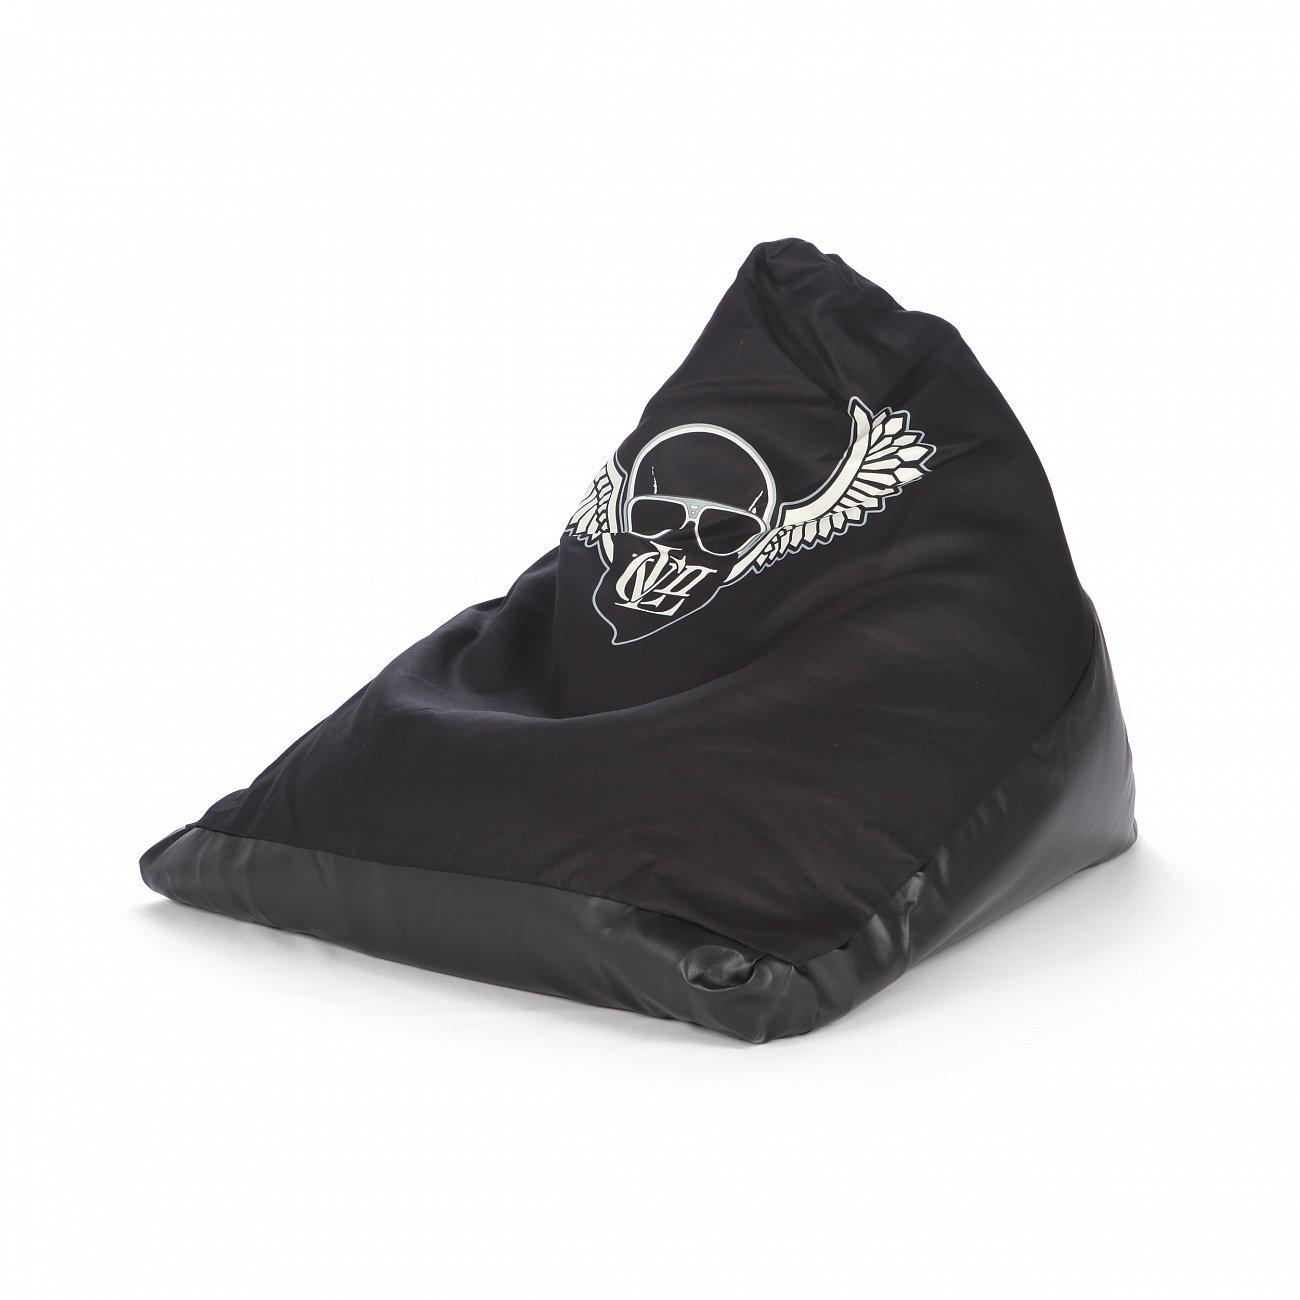 Купить Пуф Skull Small на встречу славе в интернет магазине дизайнерской мебели и аксессуаров для дома и дачи